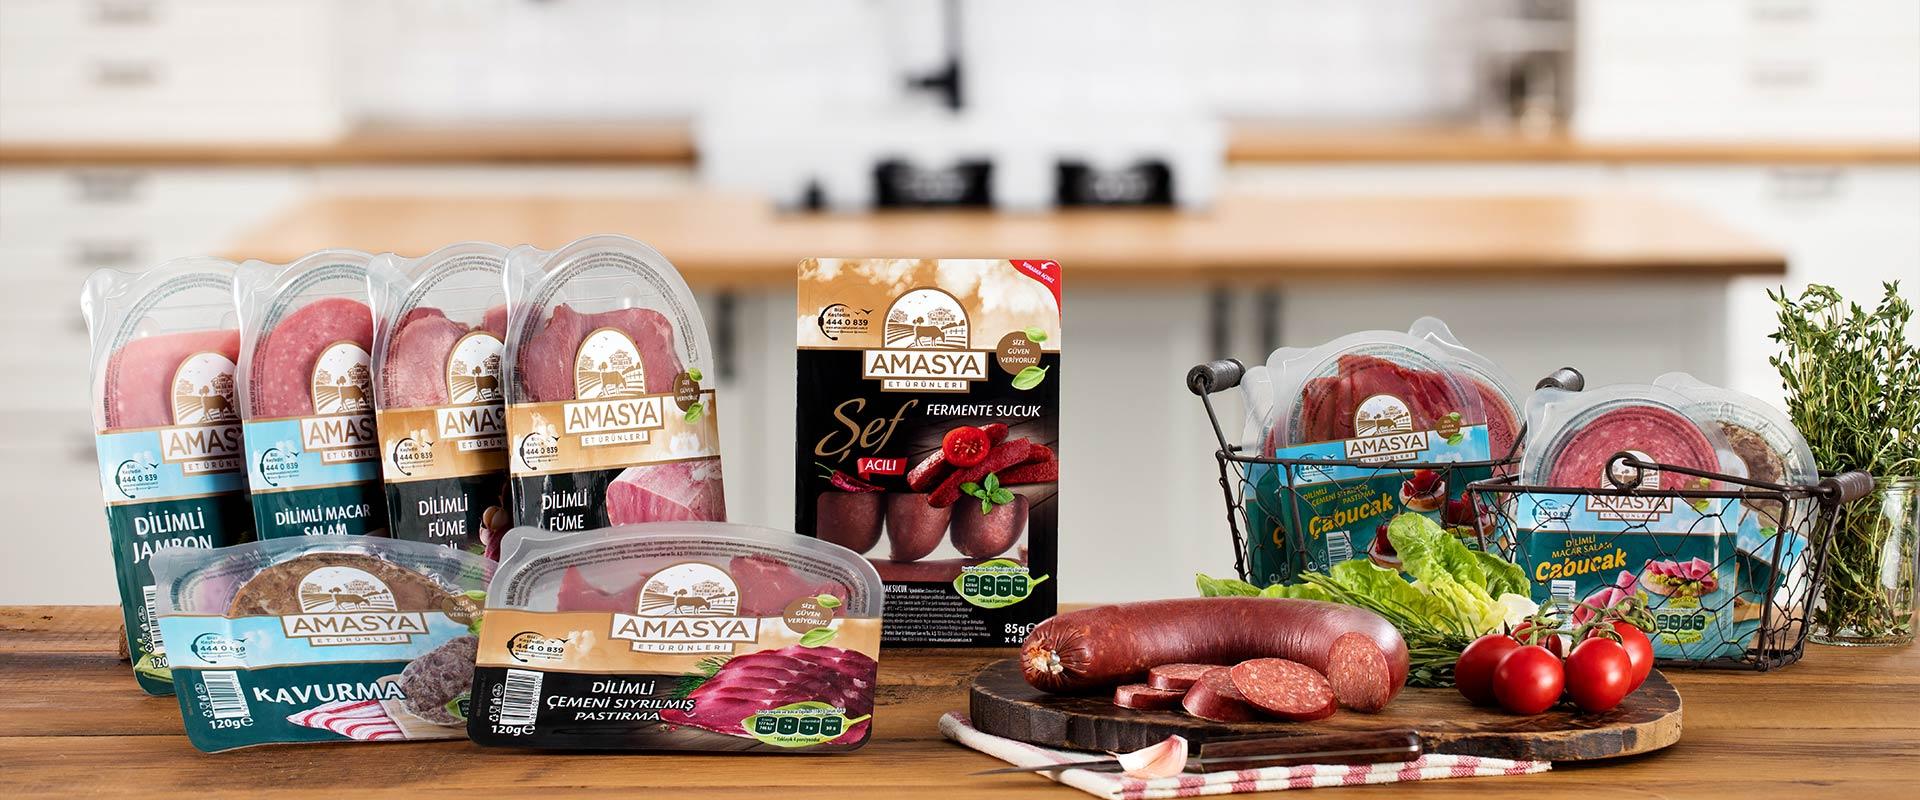 Şarküteri lezzetleri şimdi avantajlı paketlerinde...